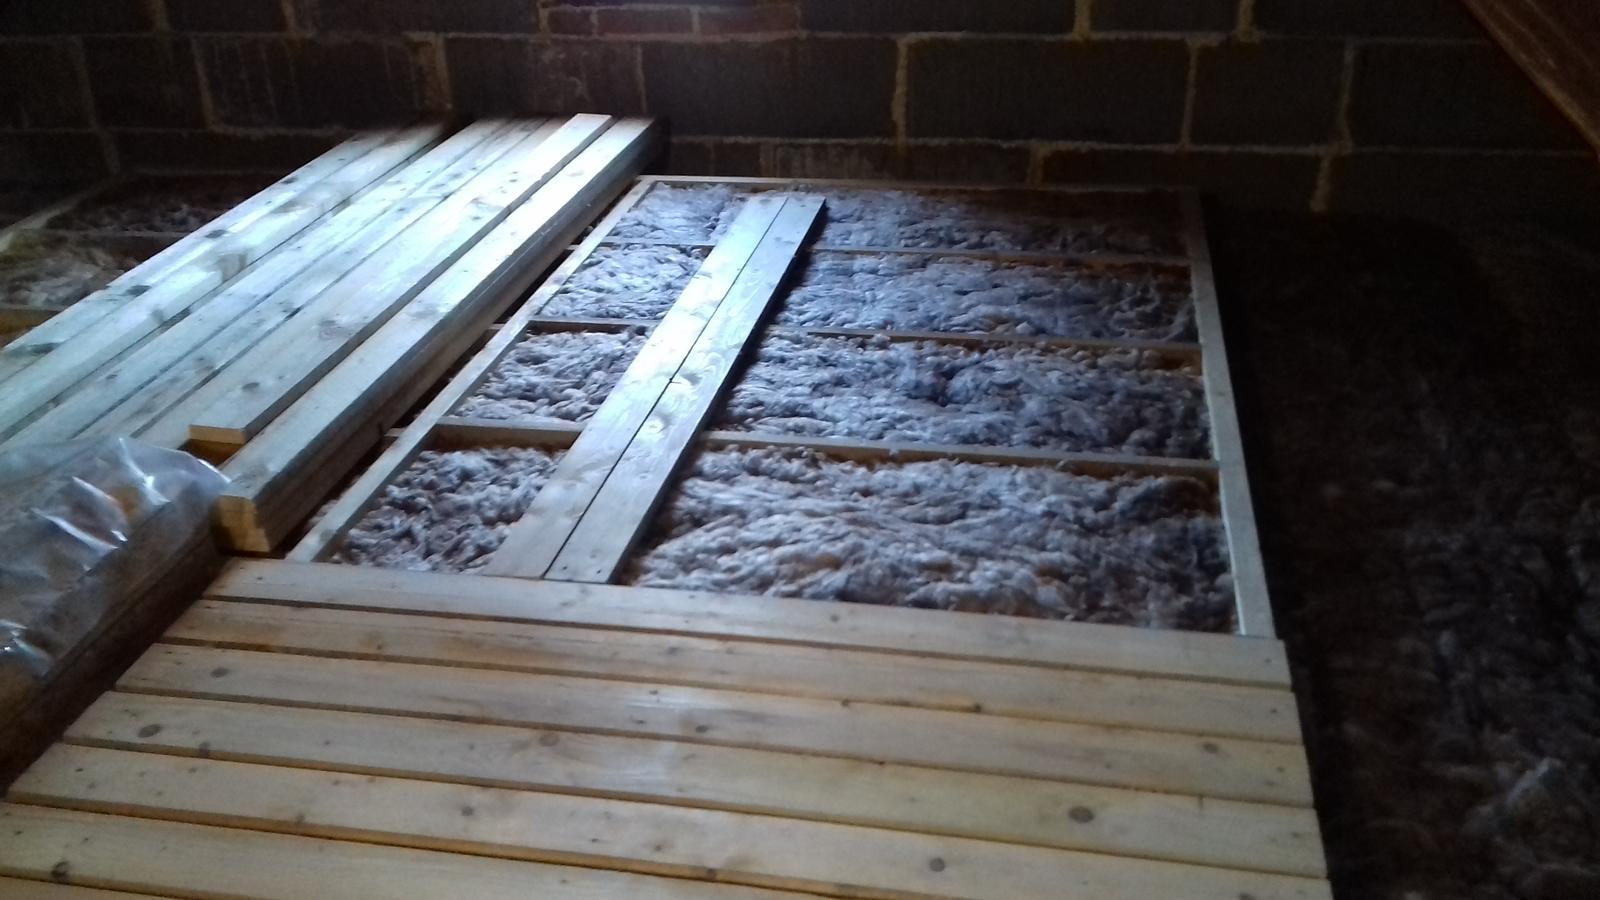 Zlepsenie tepelnoizolacnych vlastností tramoveho stropu - Obrázok č. 58